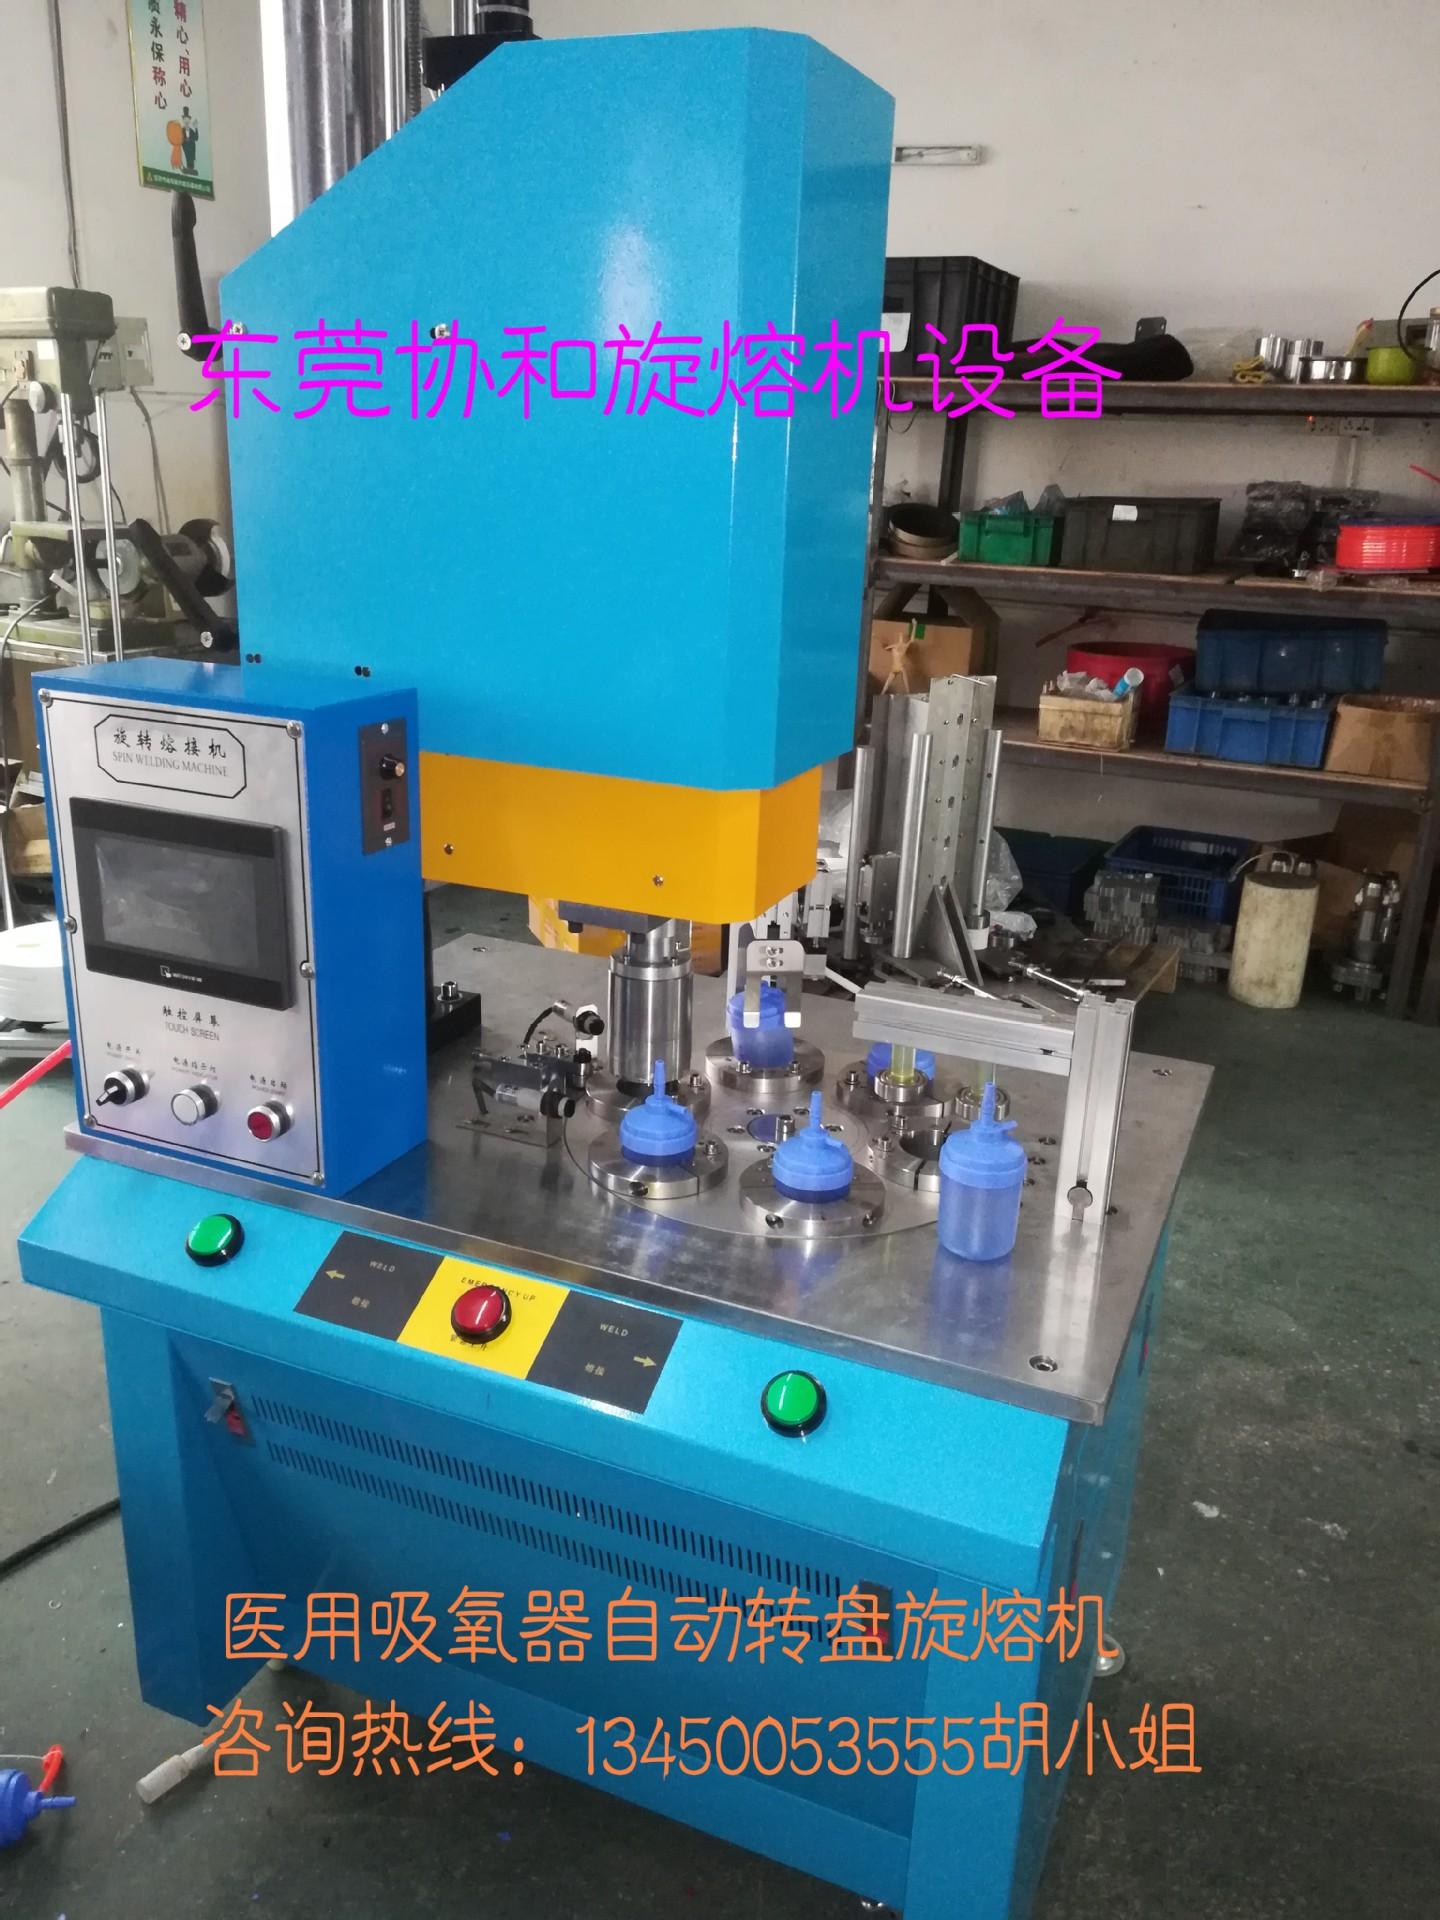 非定位旋熔机 协和机械生产厂家 防水防气密焊接旋熔机示例图1